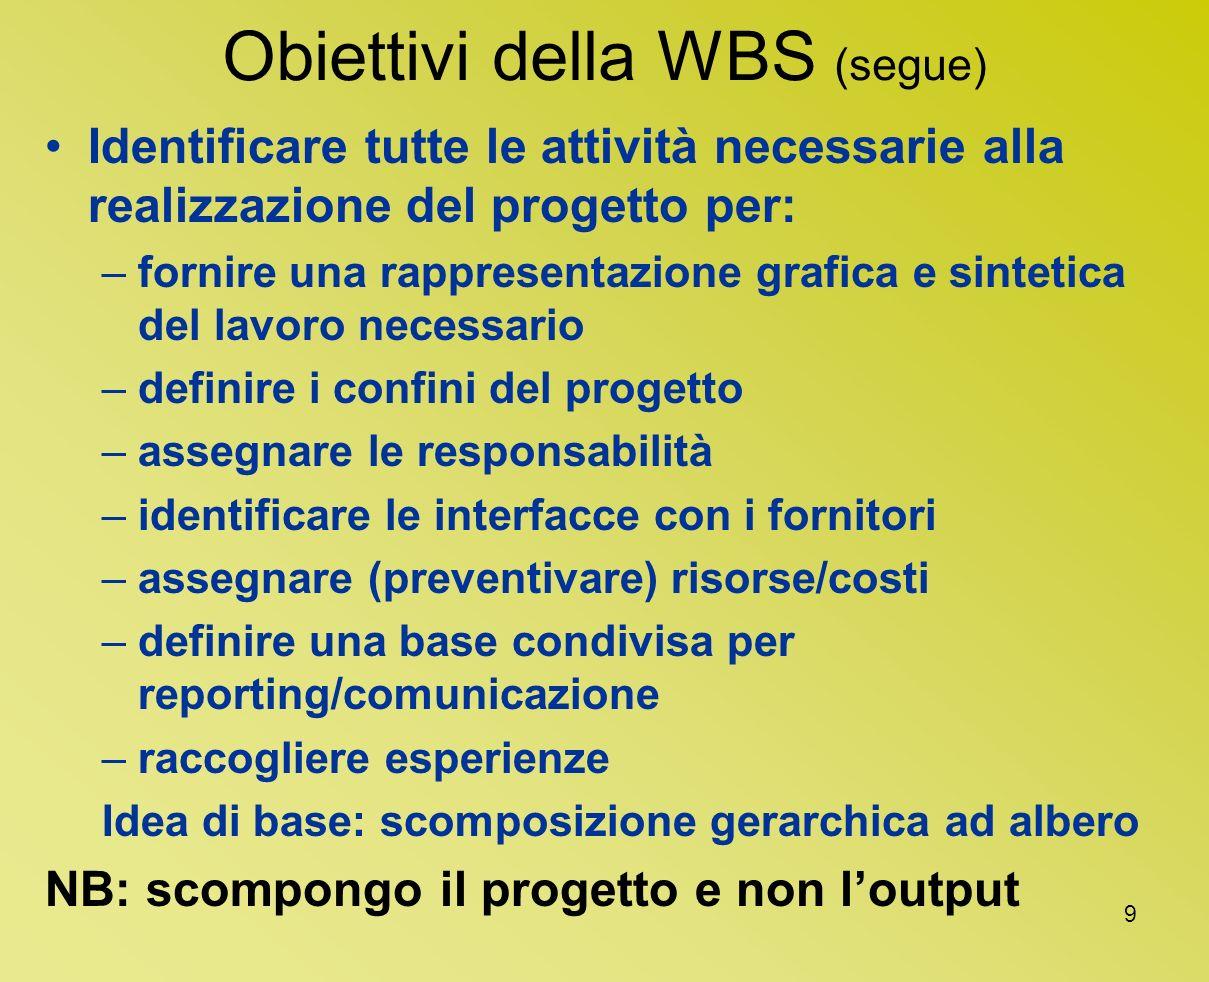 Obiettivi della WBS (segue)